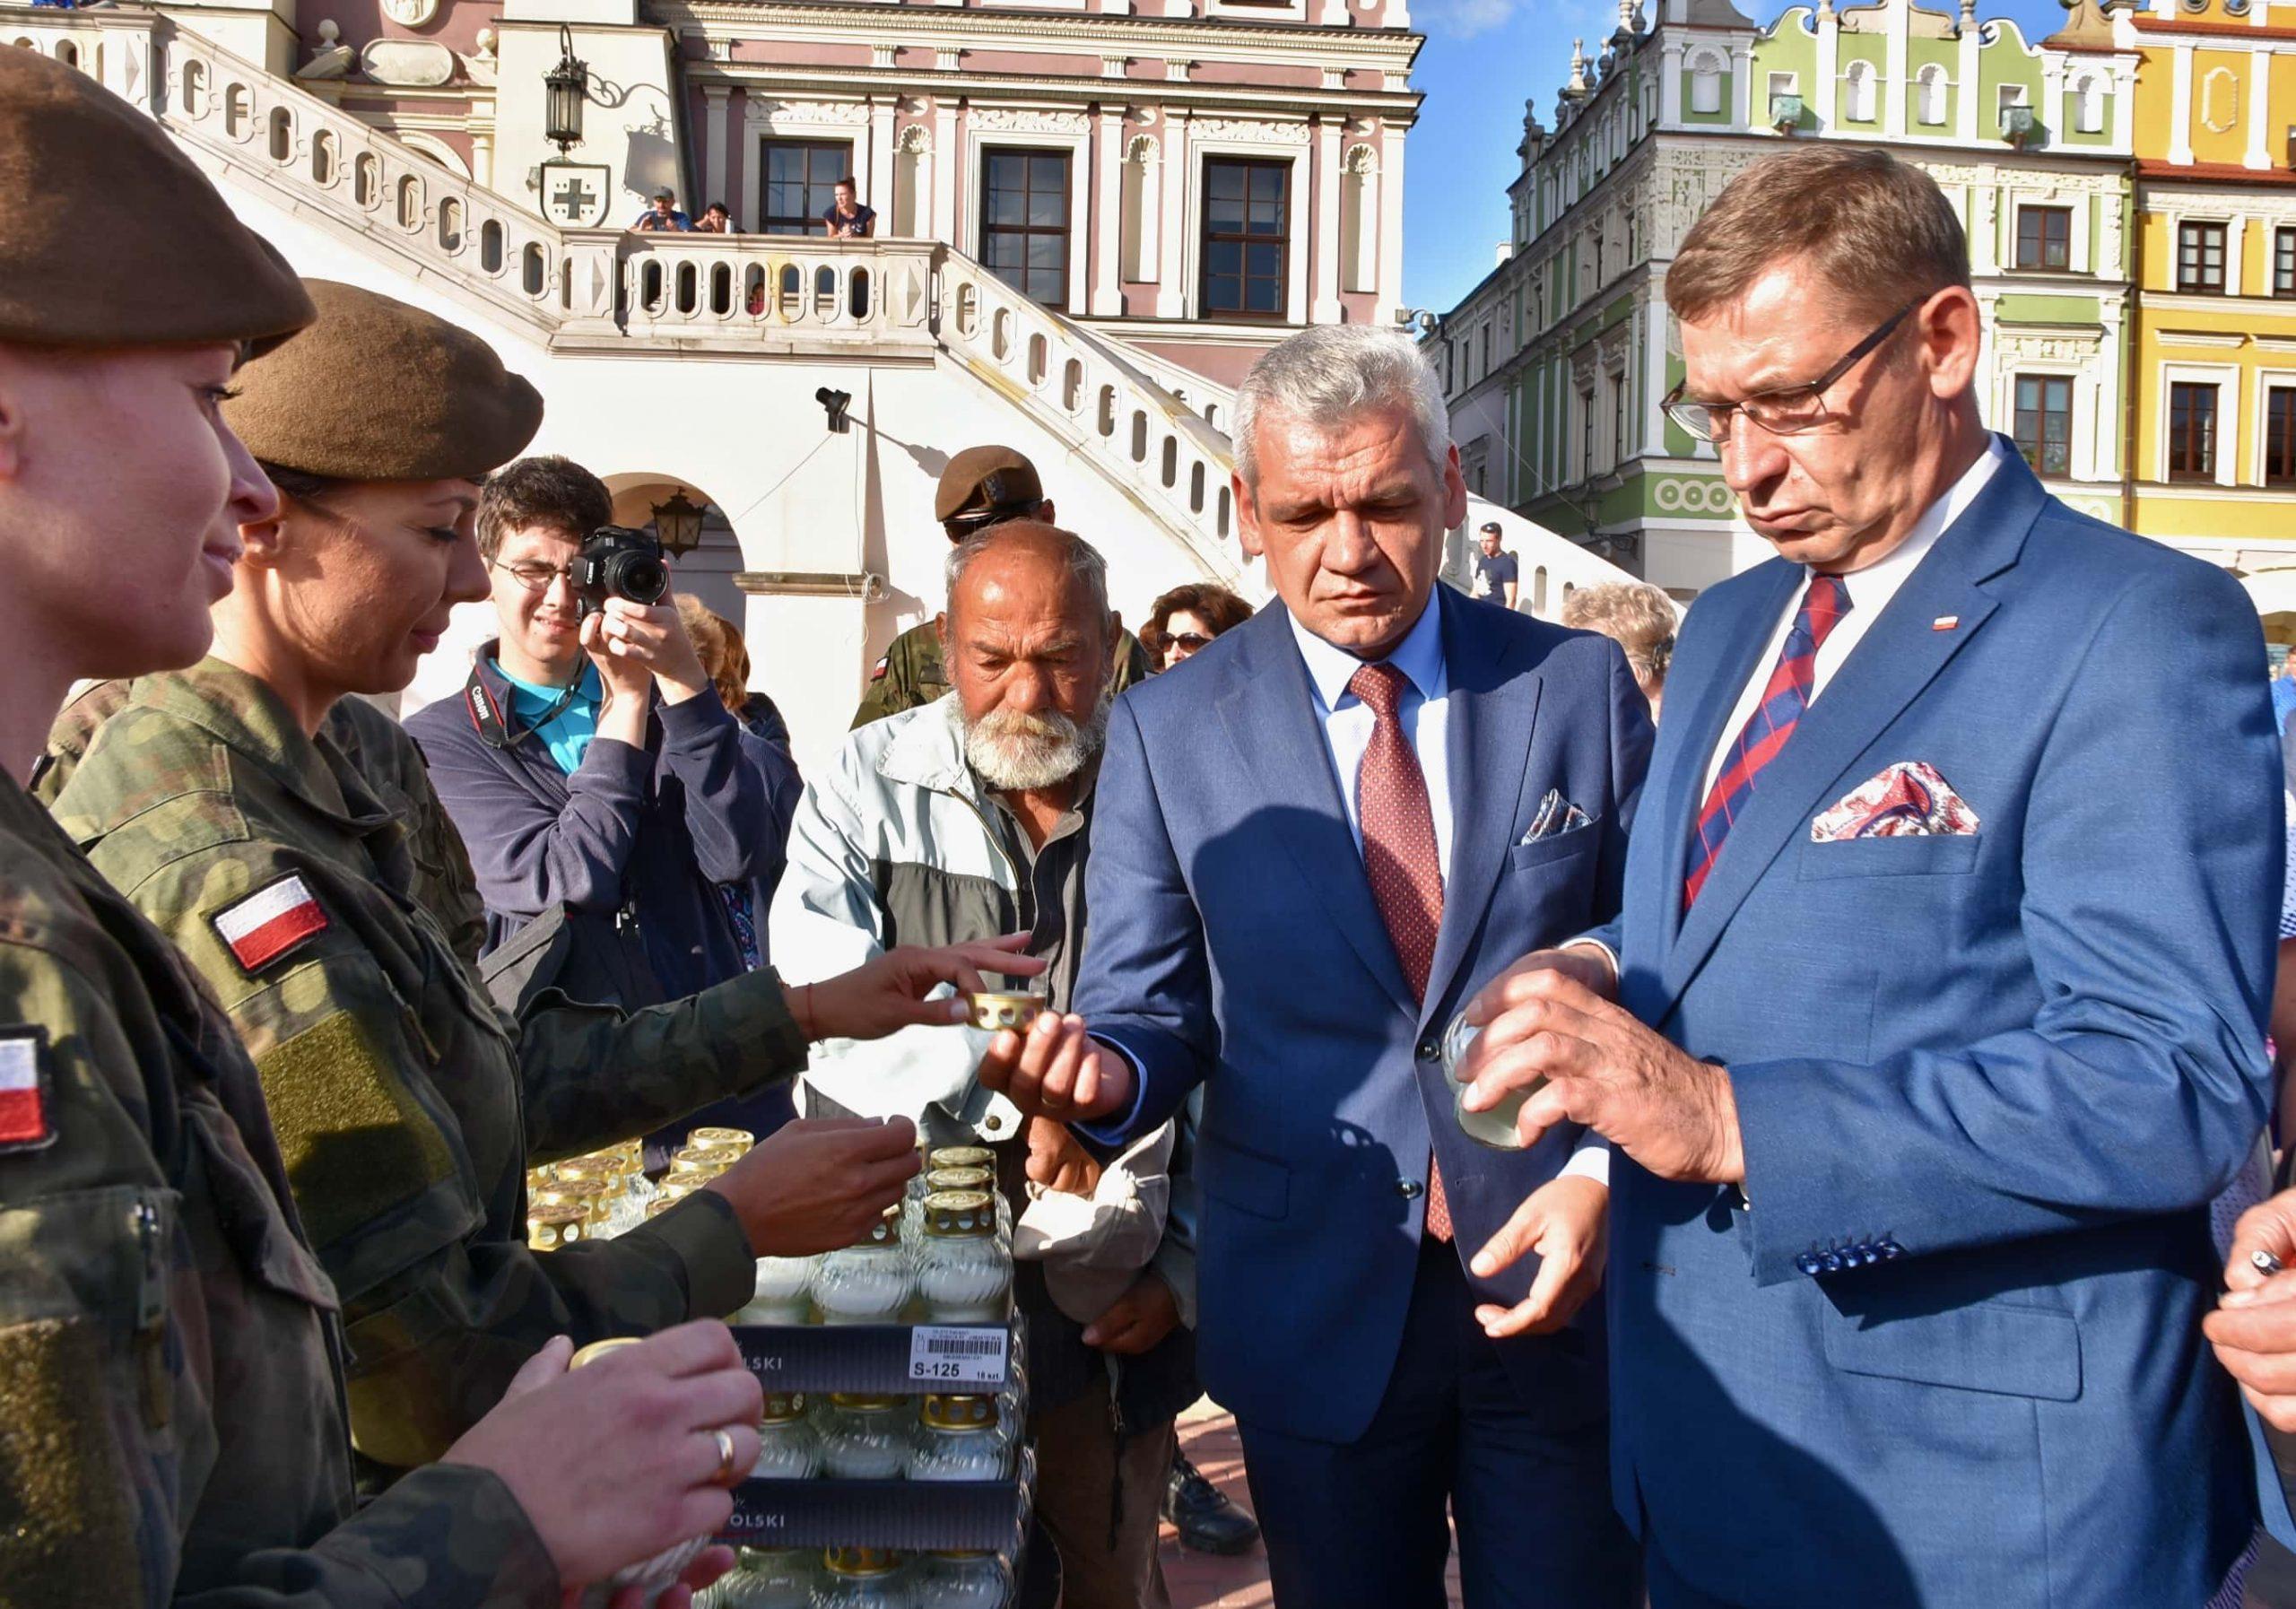 dsc 7178 scaled Tyle zniczy ilu zamordowanych w Katyniu (dużo zdjęć)